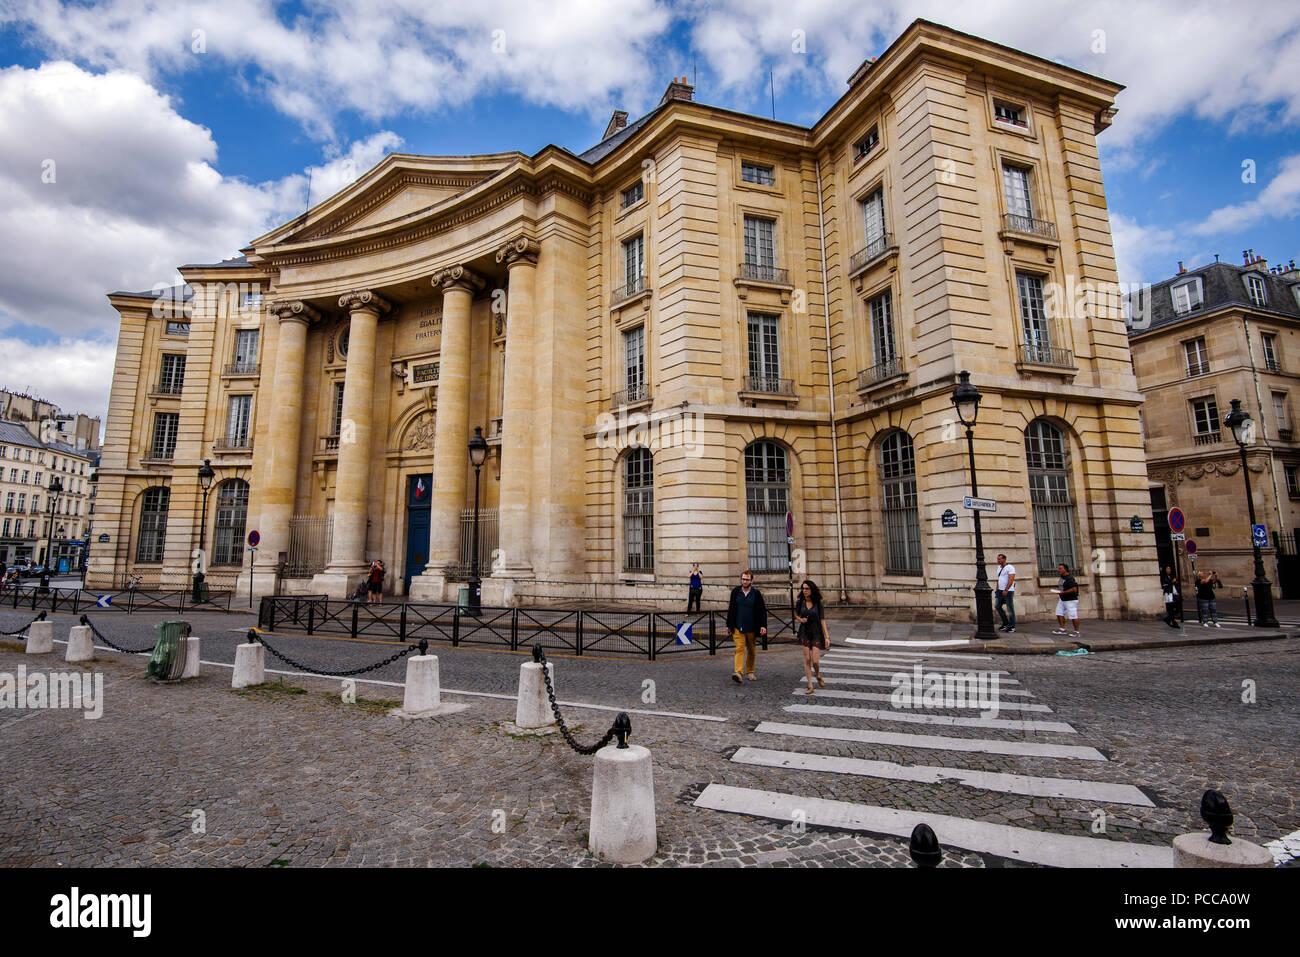 August, 11th, 2017 - Paris, France. Pantheon-Sorbonne University - Stock Image